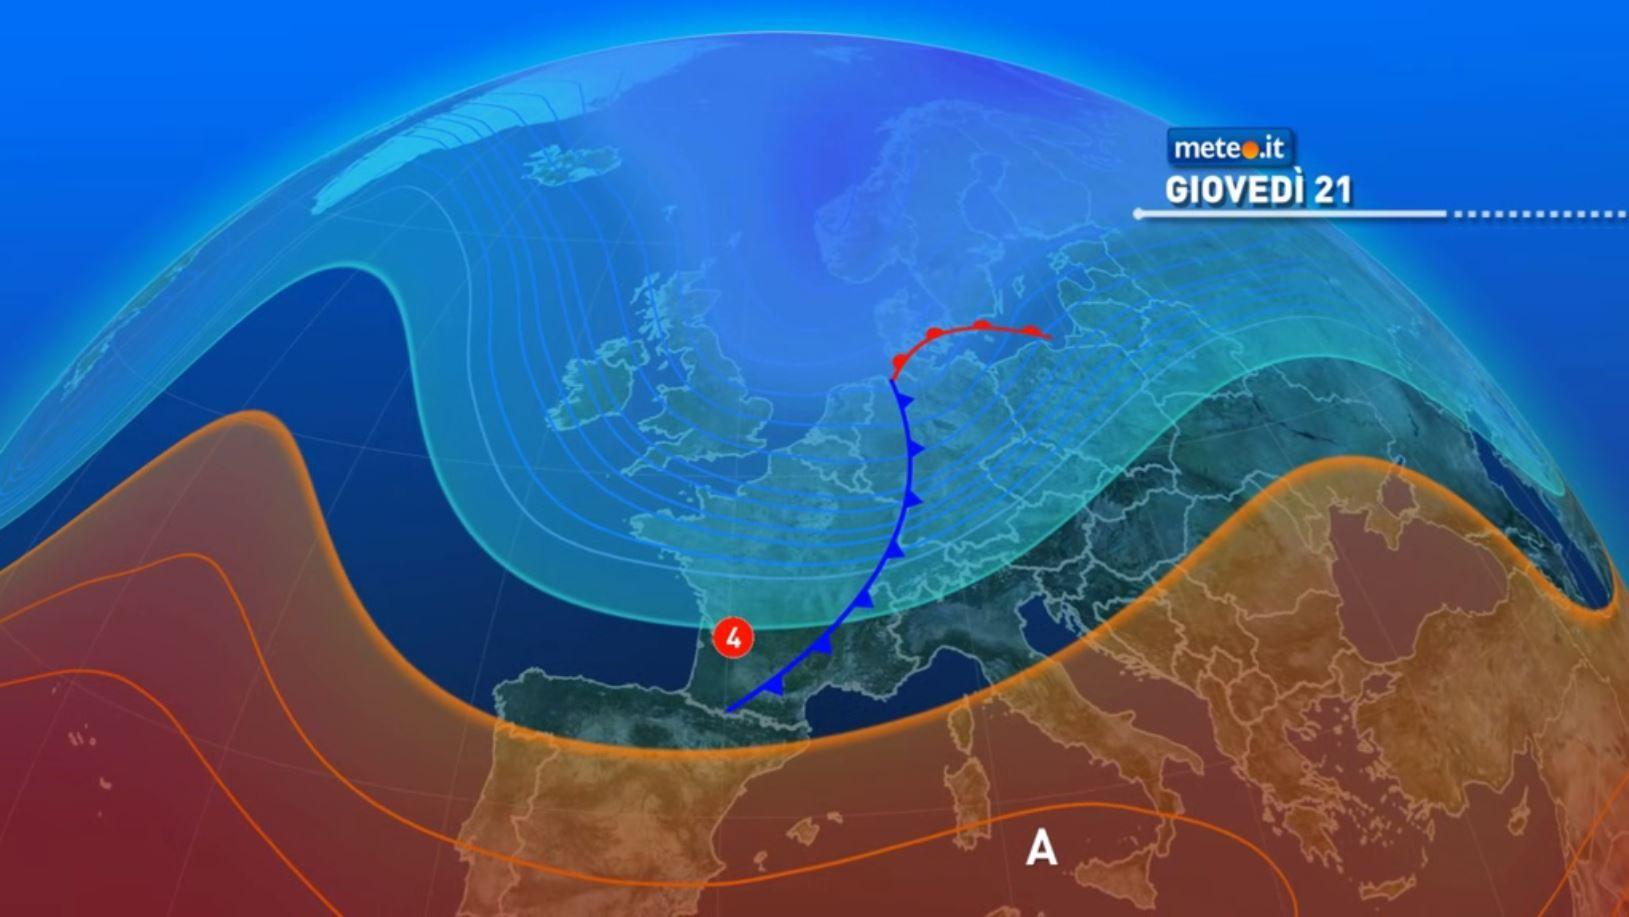 Meteo, da giovedì 21 al via una nuova fase piovosa: primi effetti al Centro-Nord